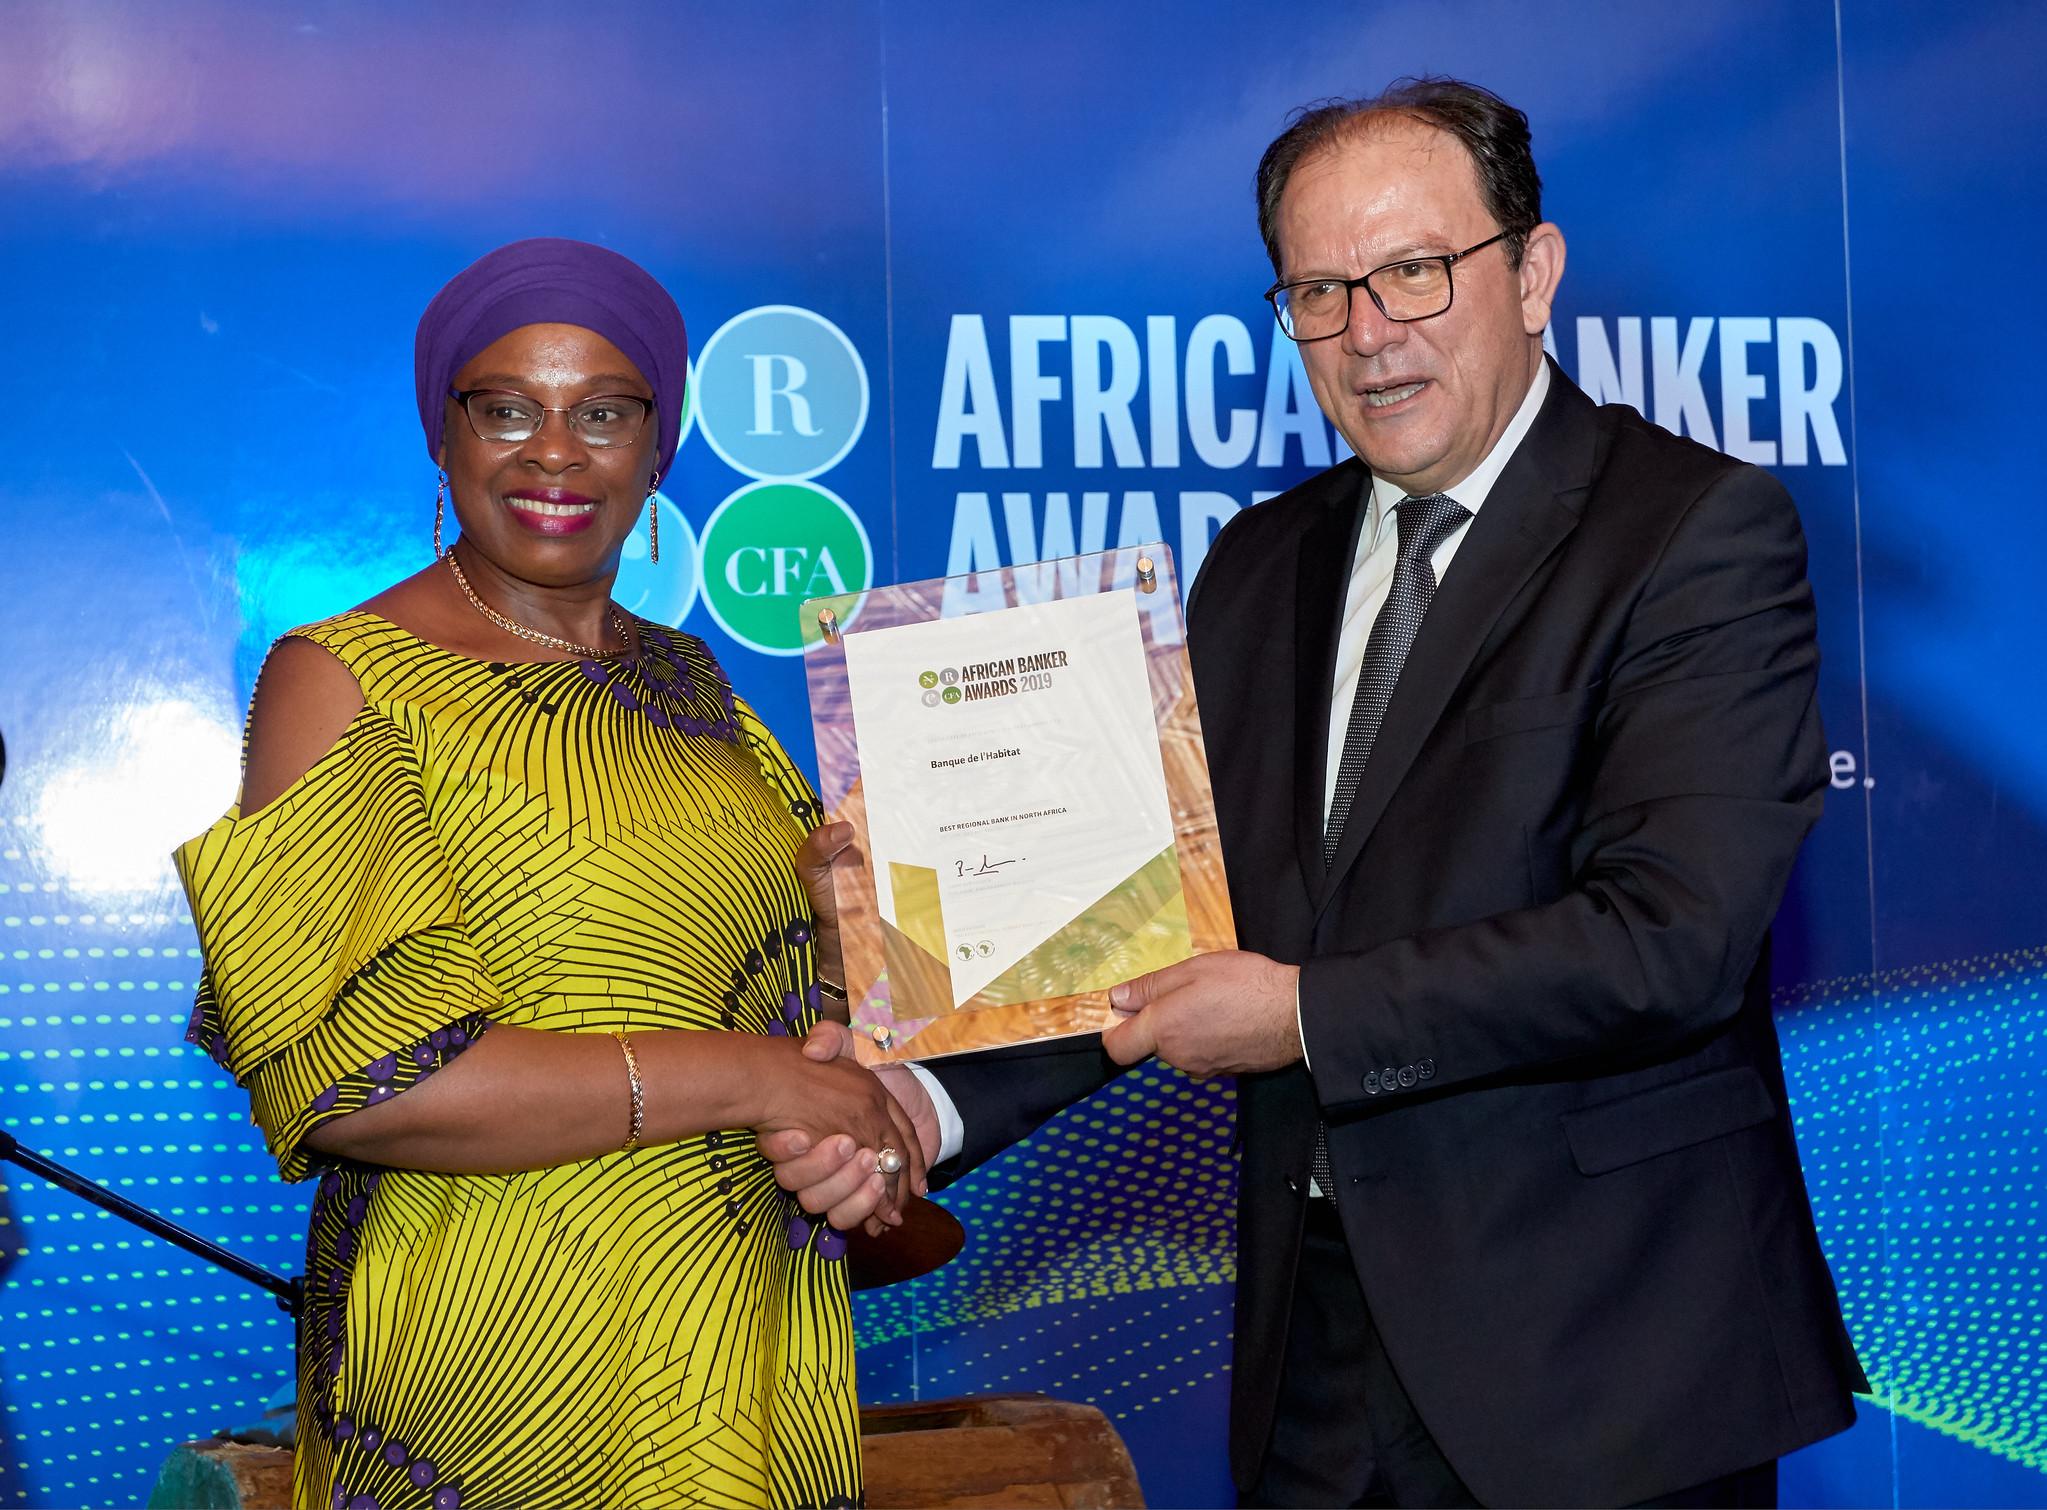 بنك BH  يتحصل على جائزة أفضل بنك في منطقة شمال إفريقيا: